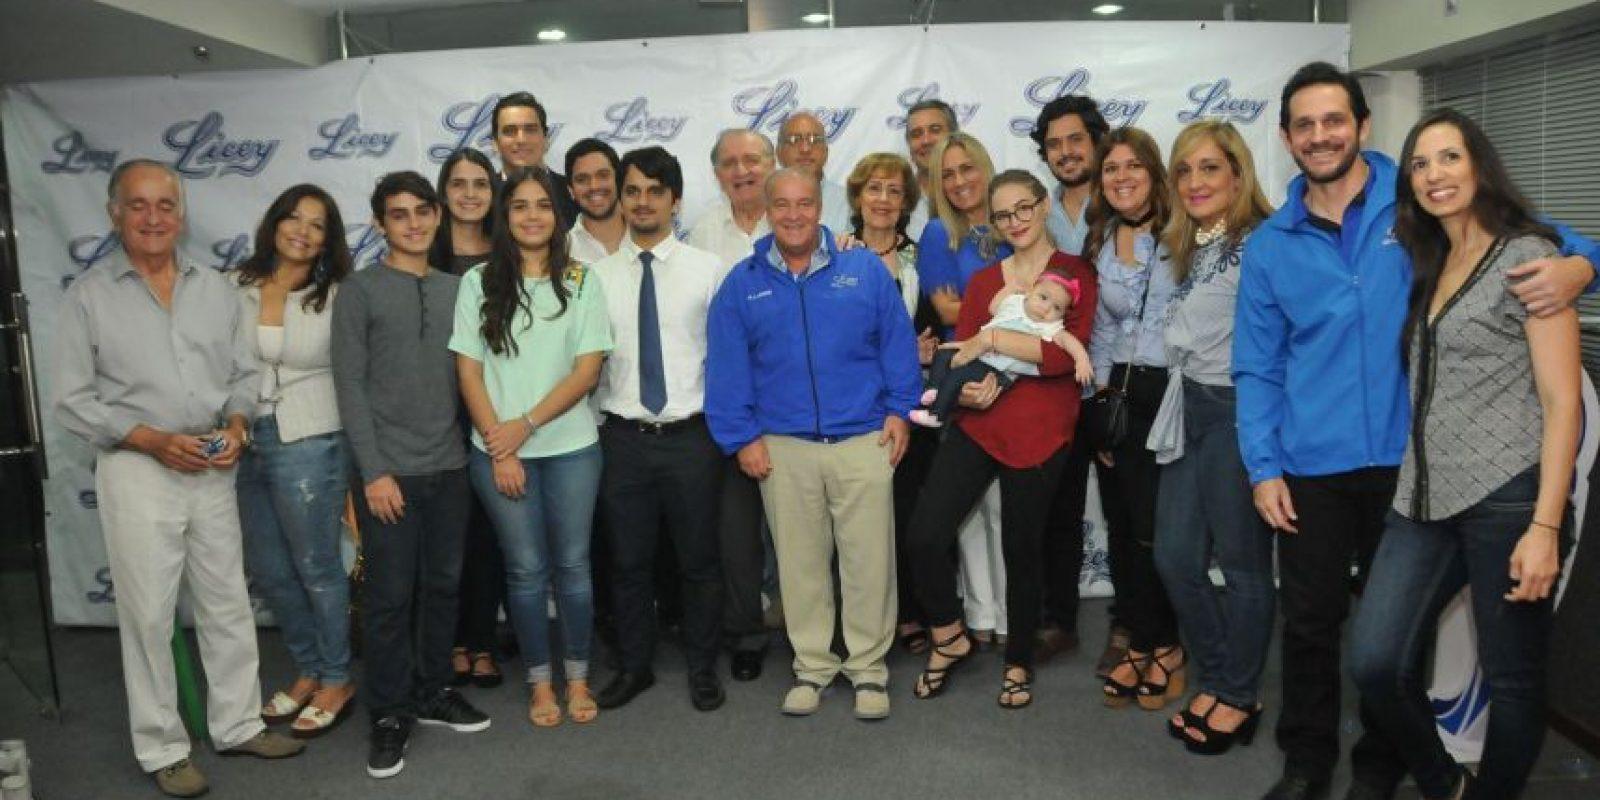 Tomás Troncoso fue acompañado por su familia durante el acto en el que la cabina del Licey fue nombrada en su honor. Foto:Fuente externa